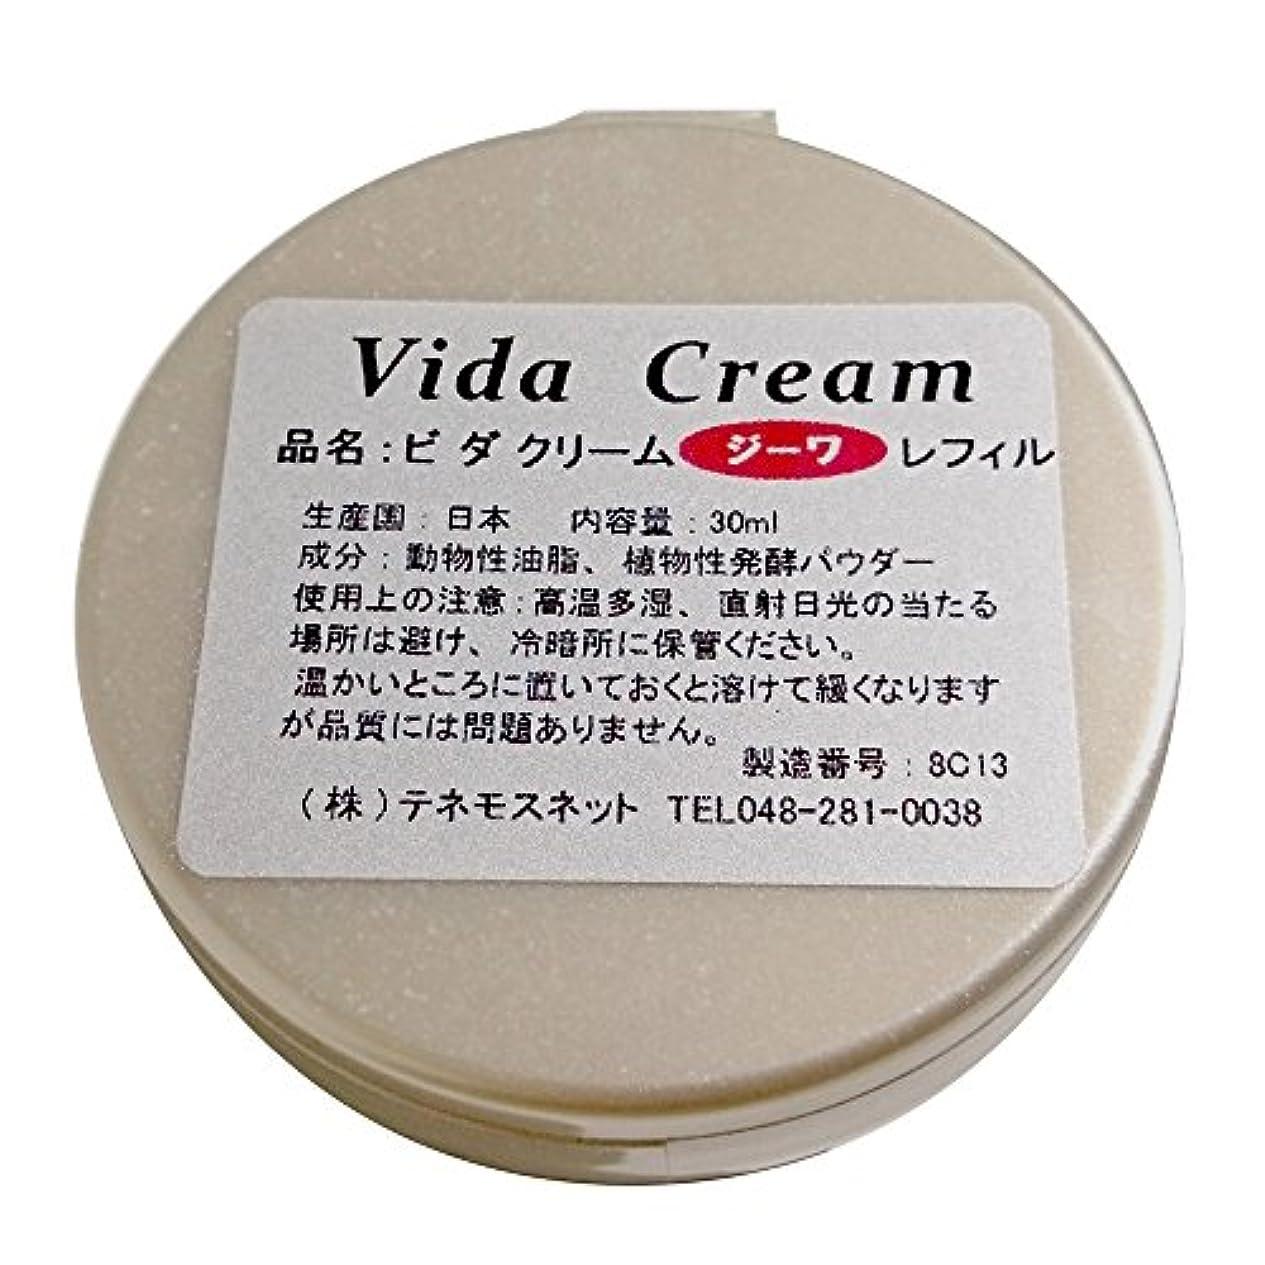 ラショナル我慢する法的テネモス ビダクリーム Vida Cream ジーワ レフィル 付替用 30ml